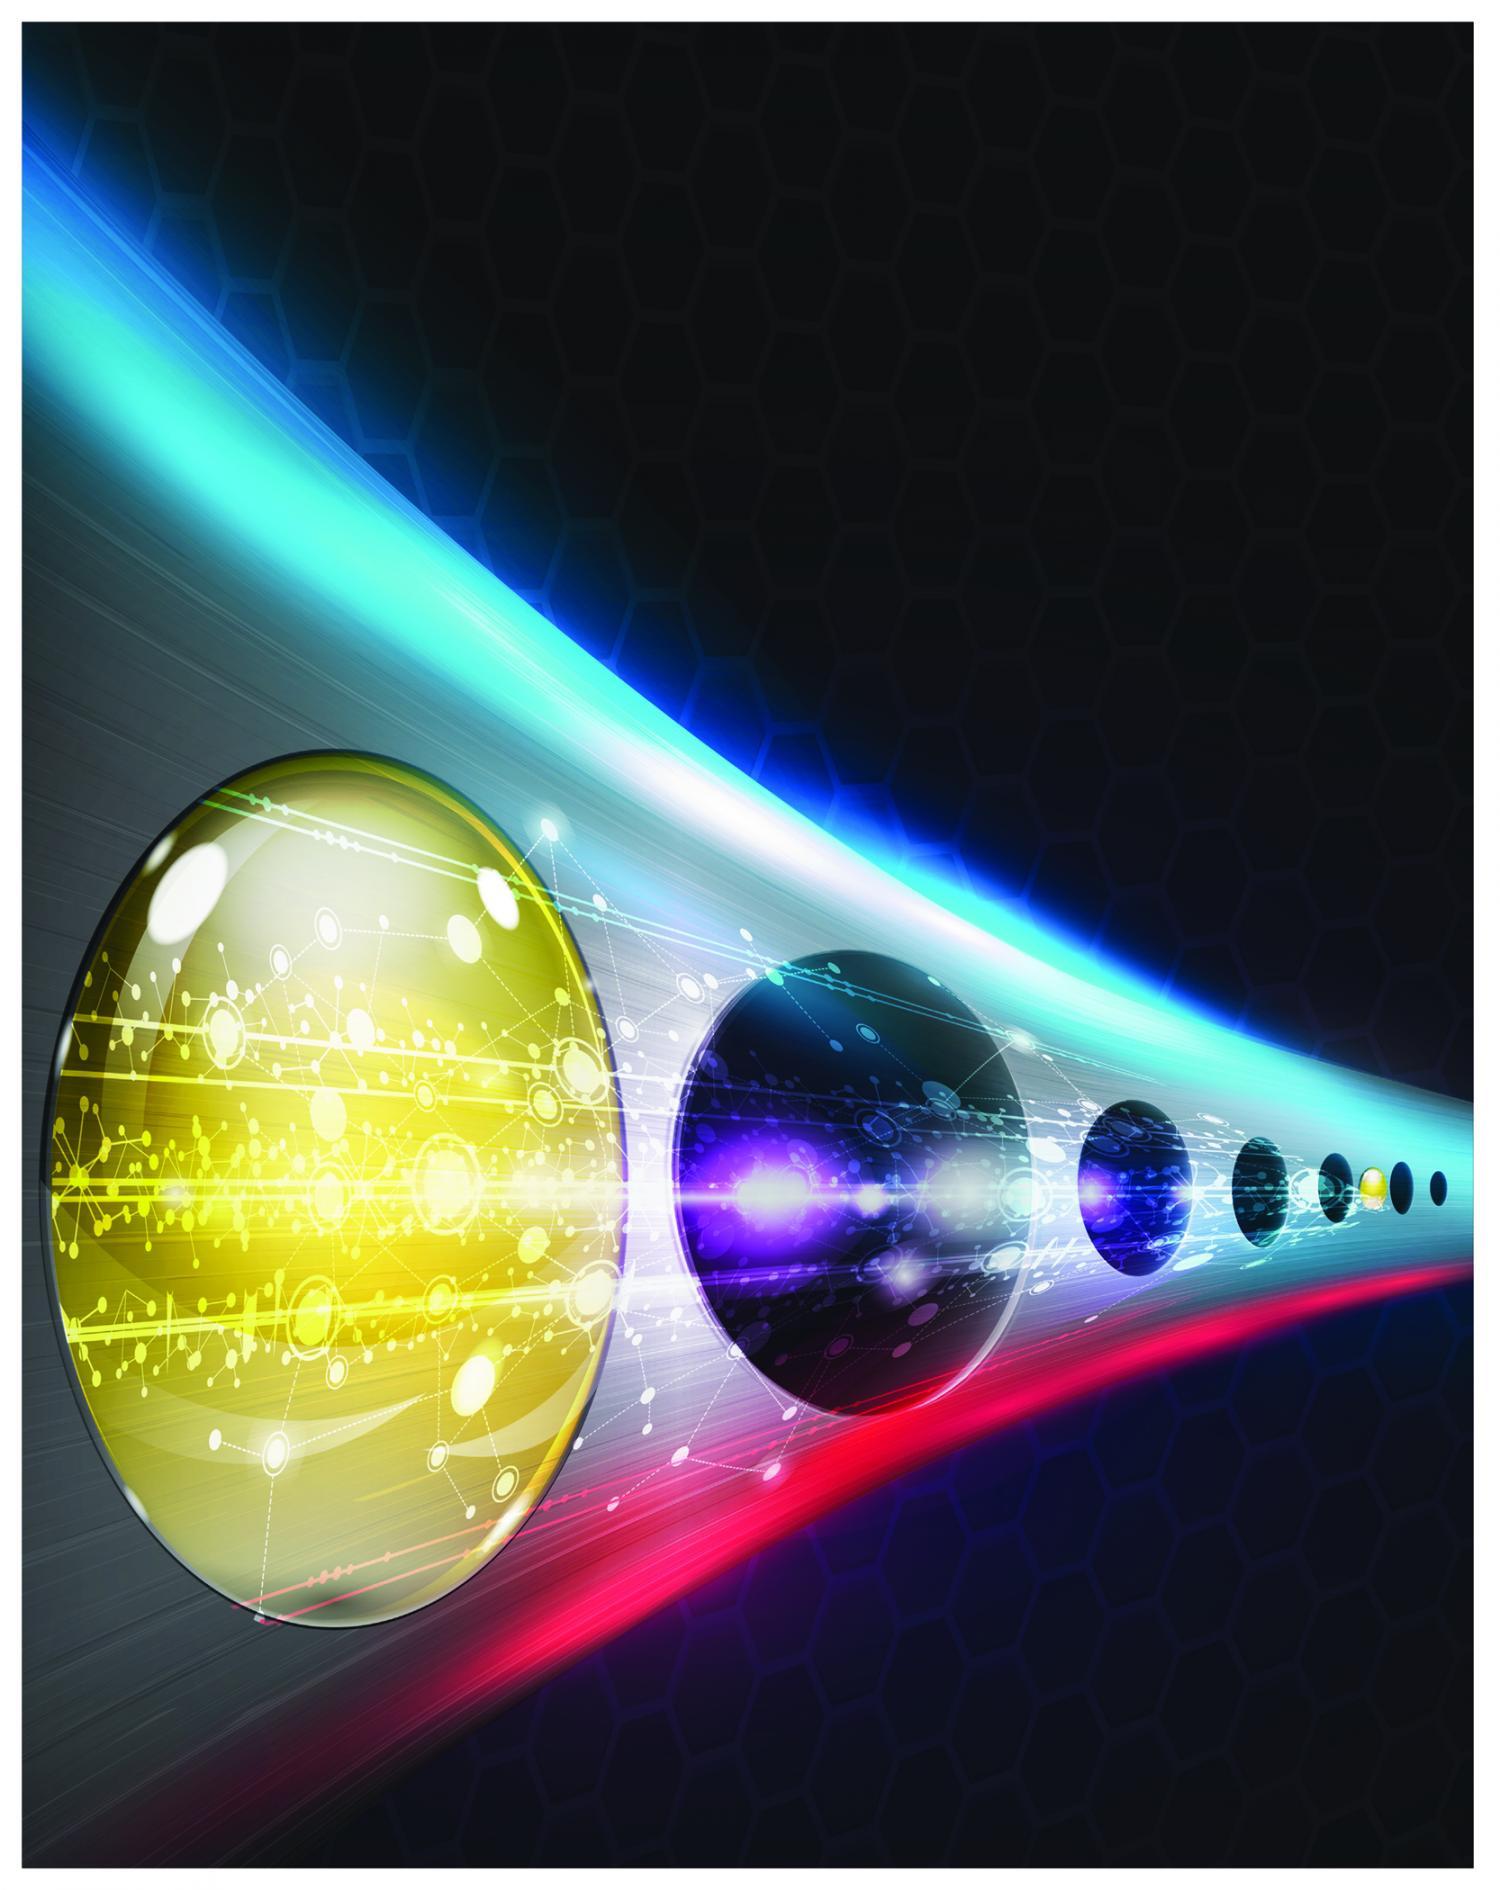 Diamonds aren't forever: Team create first quantum computer bridge